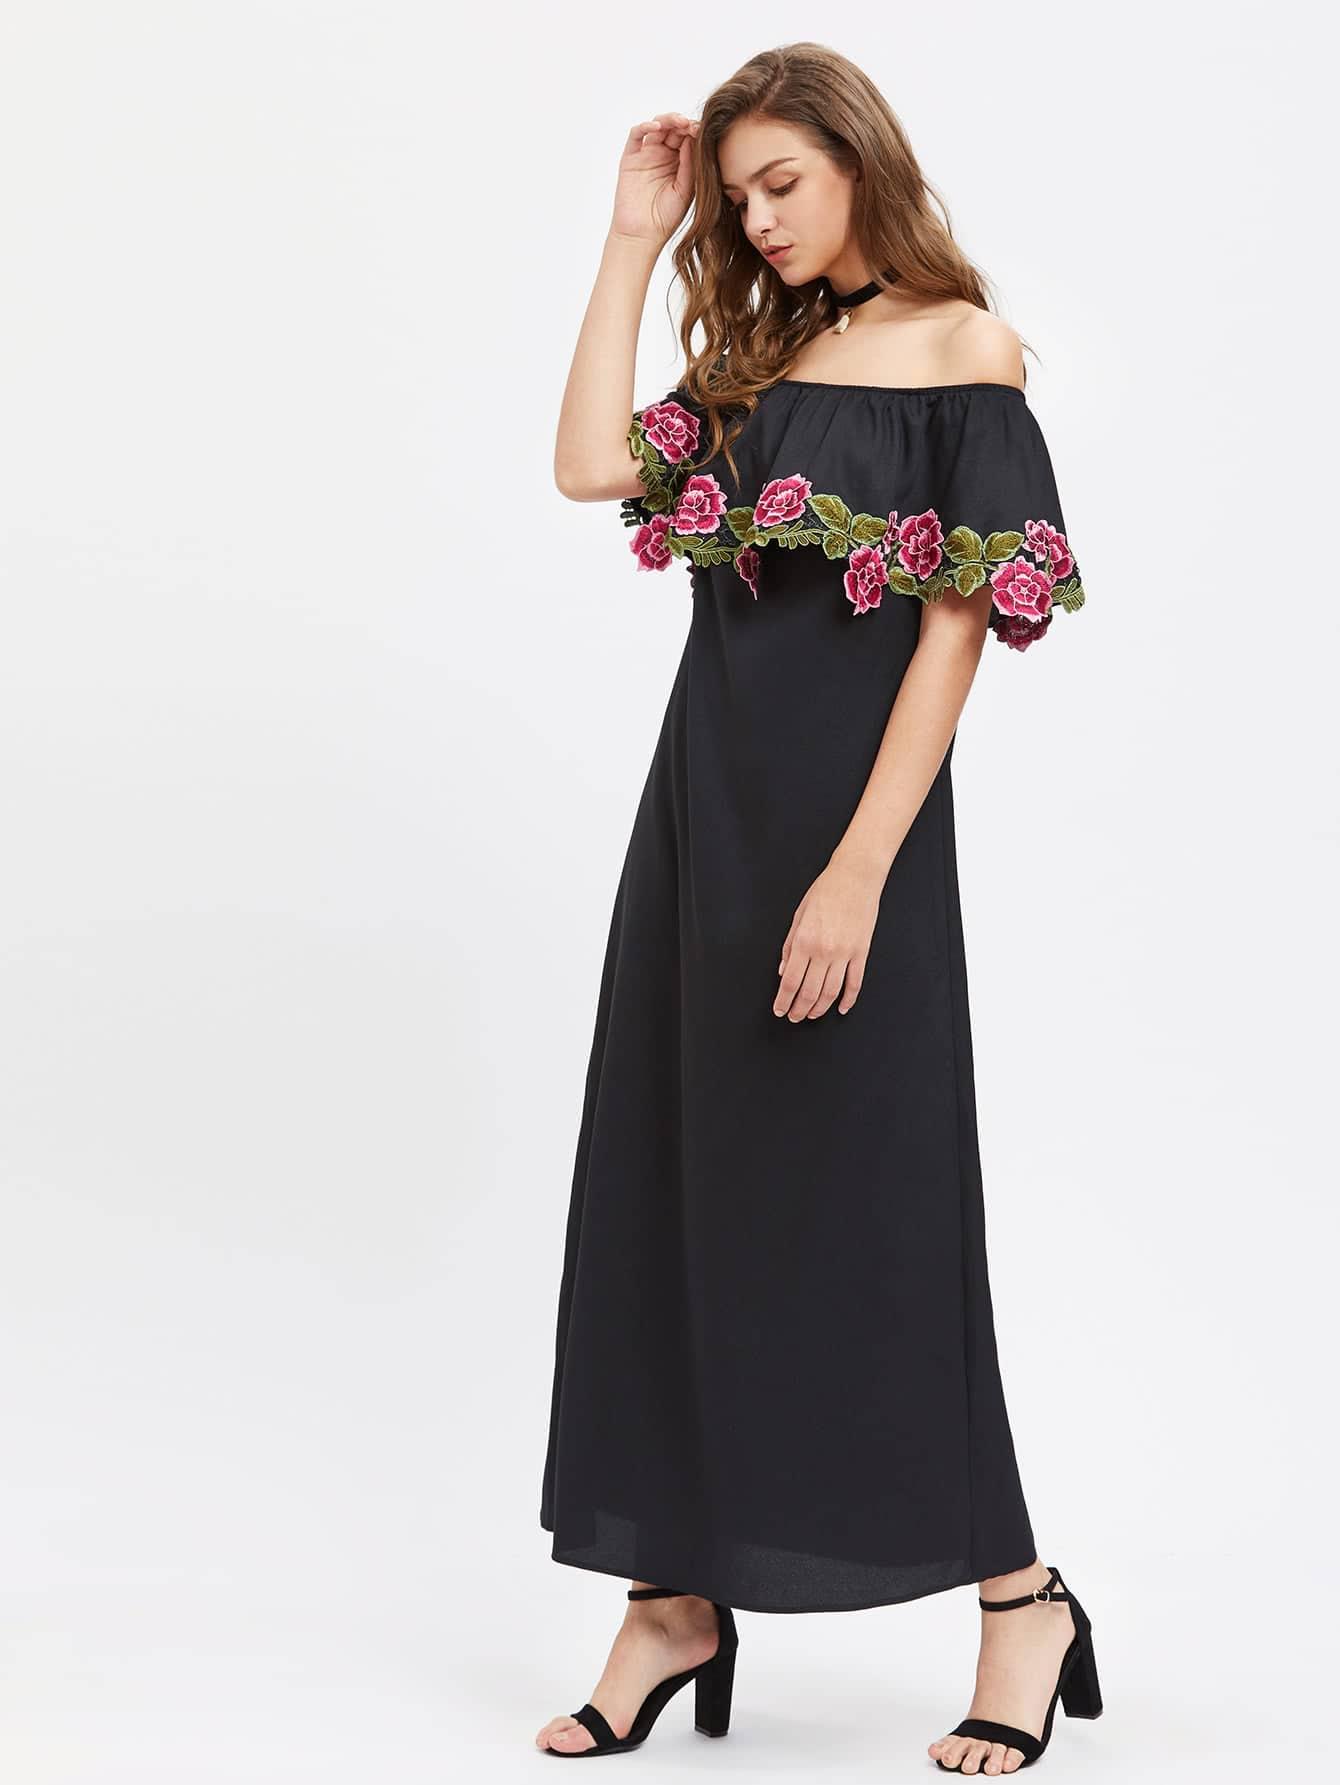 Фото Embroidered Flower Applique Frill Off Shoulder Dress. Купить с доставкой